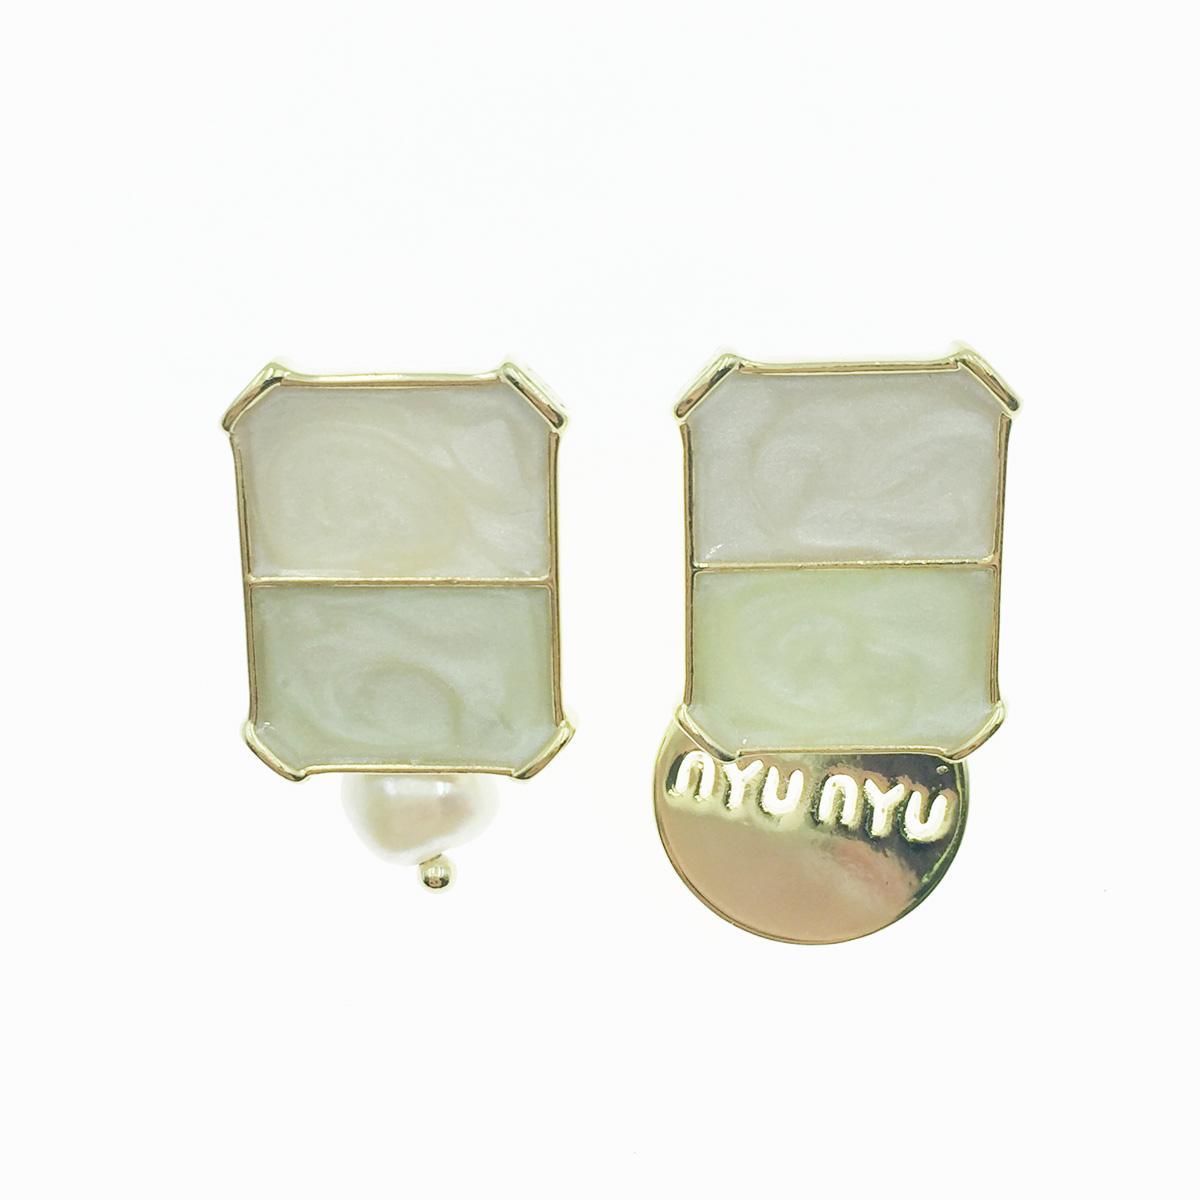 韓國 925純銀 不對稱 撞色 珍珠 英文字牌 垂墜感 耳針式耳環